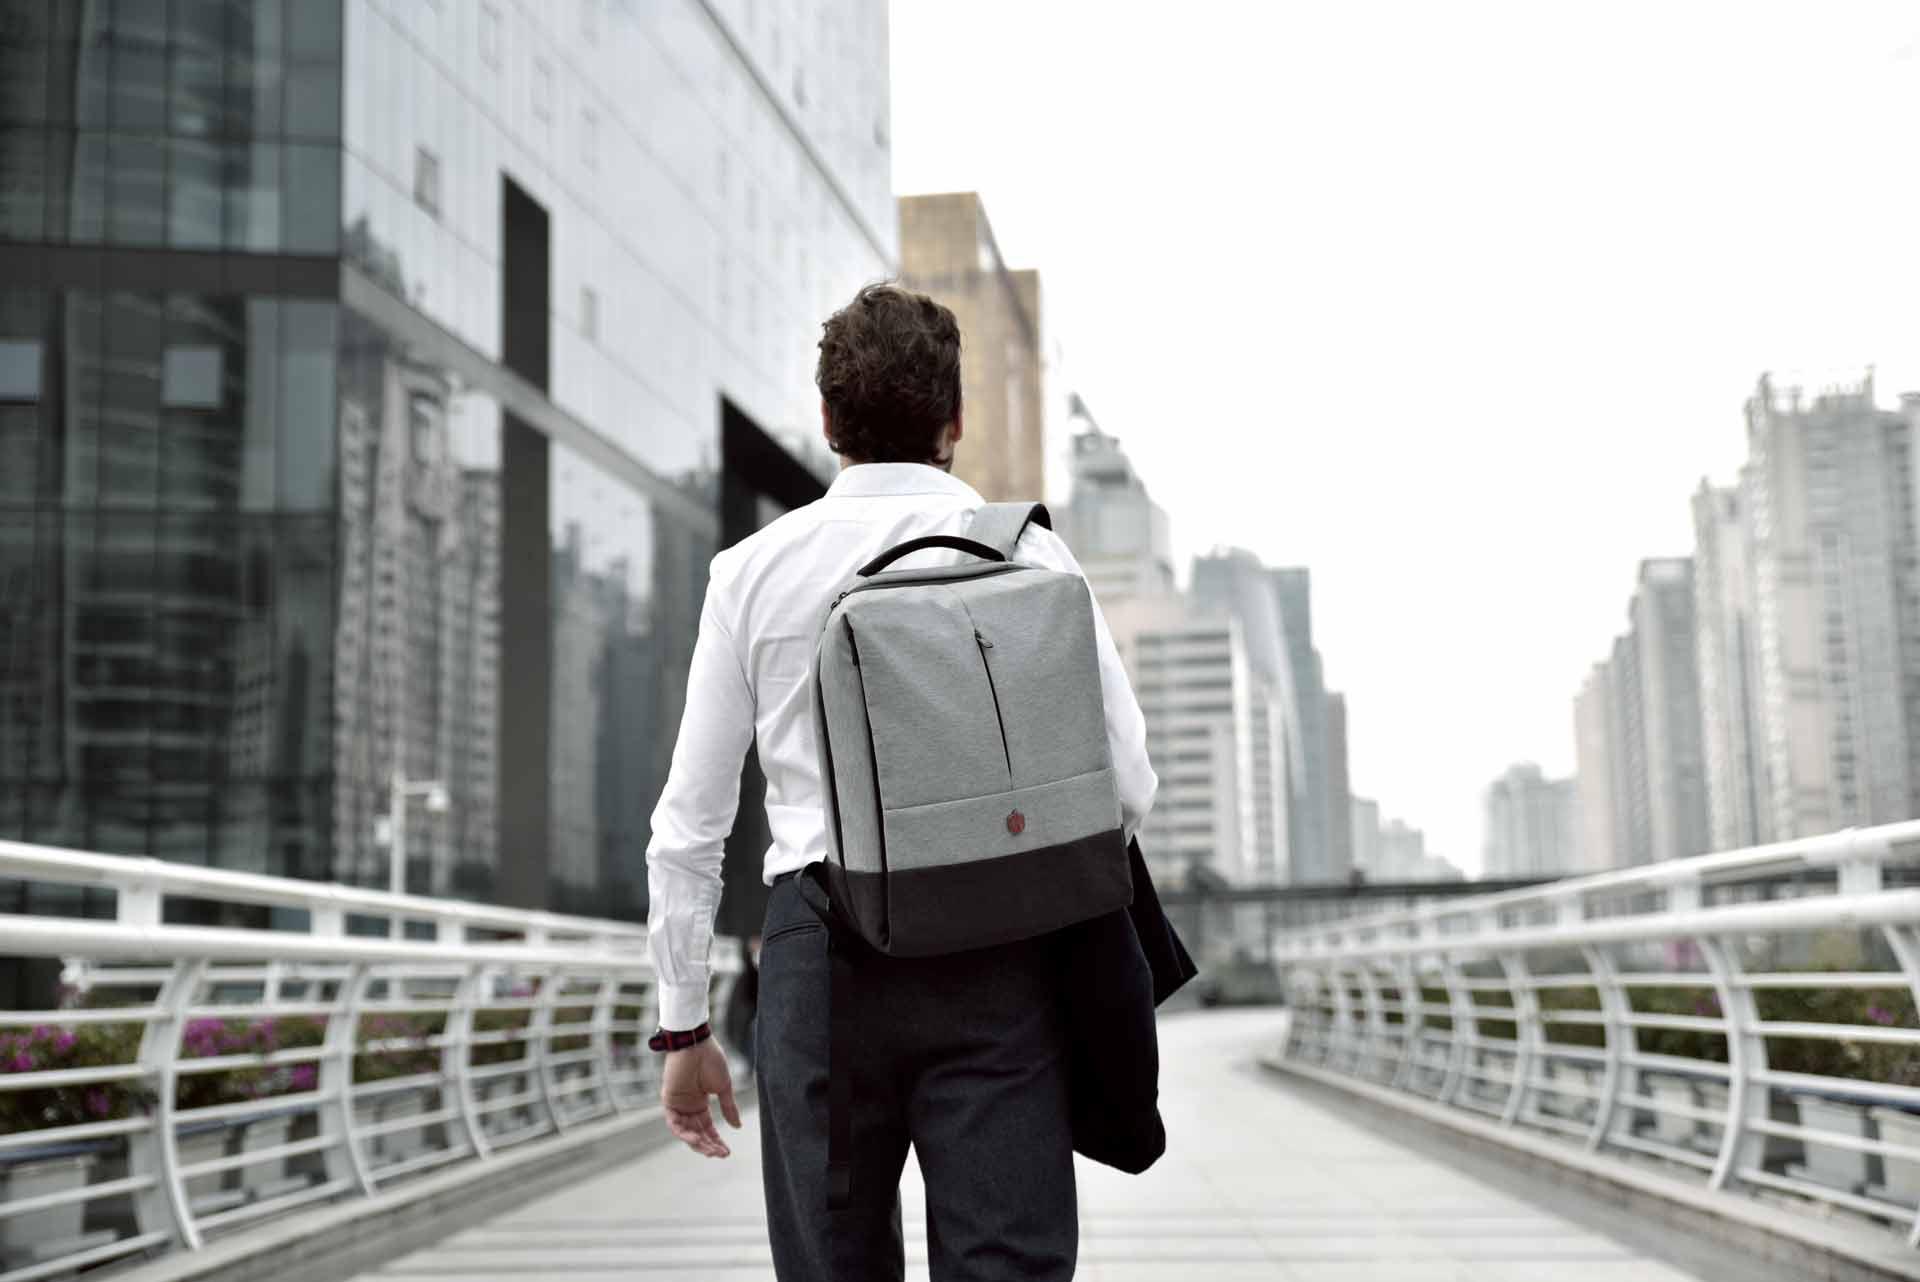 Krimcode Lifestyle Bag - Business Formal Backpack